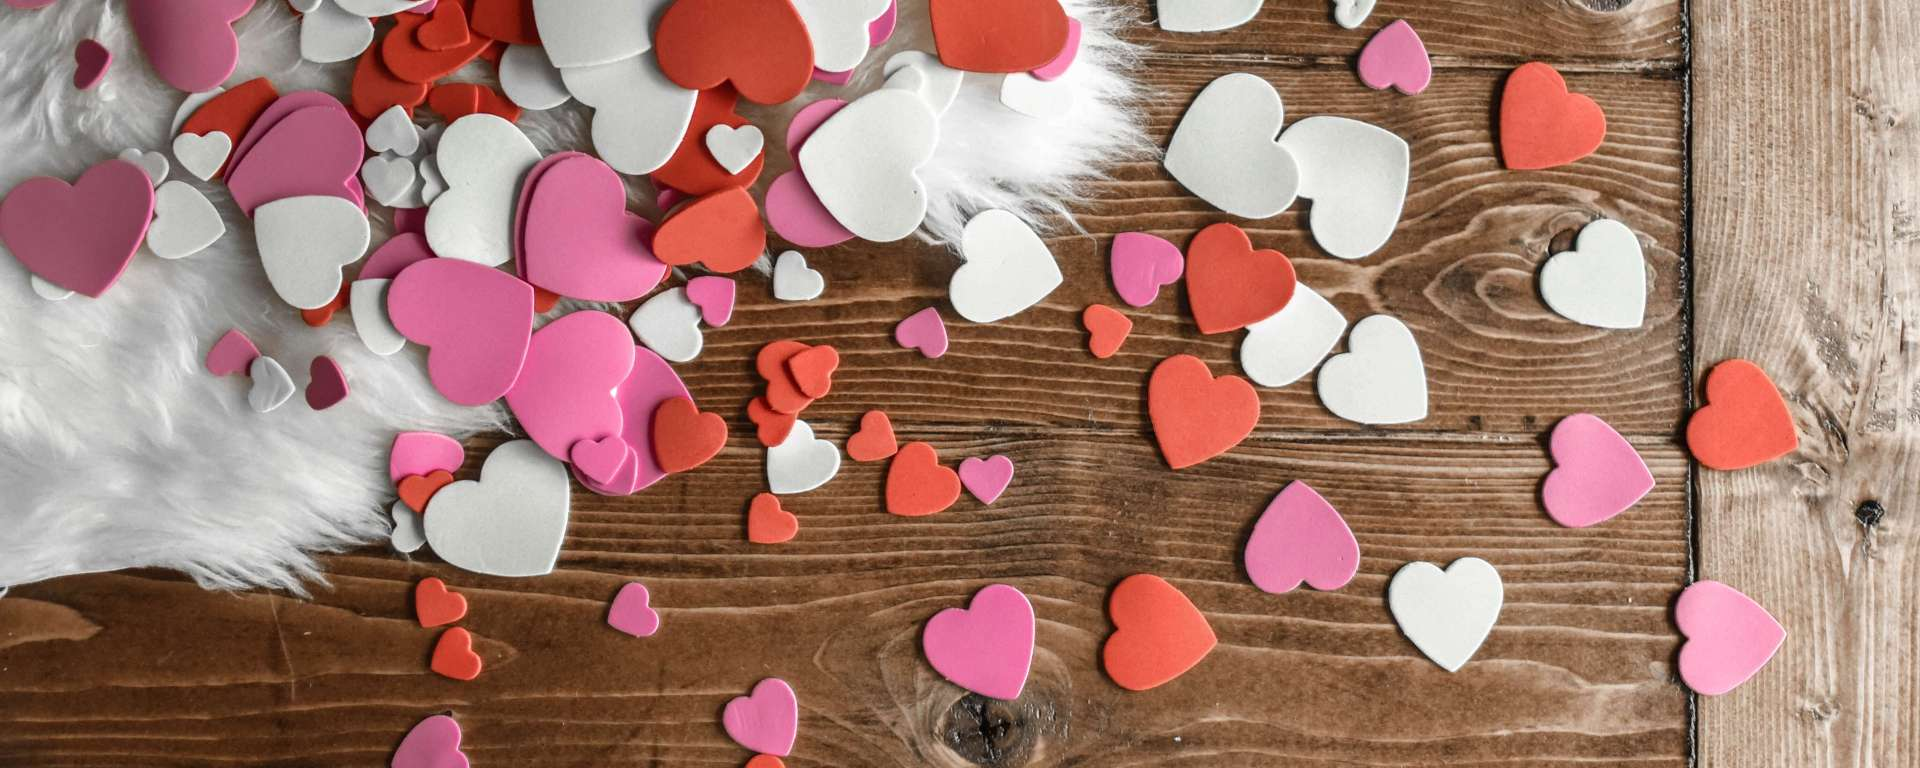 Confetti hearts on the floor and a shag rug